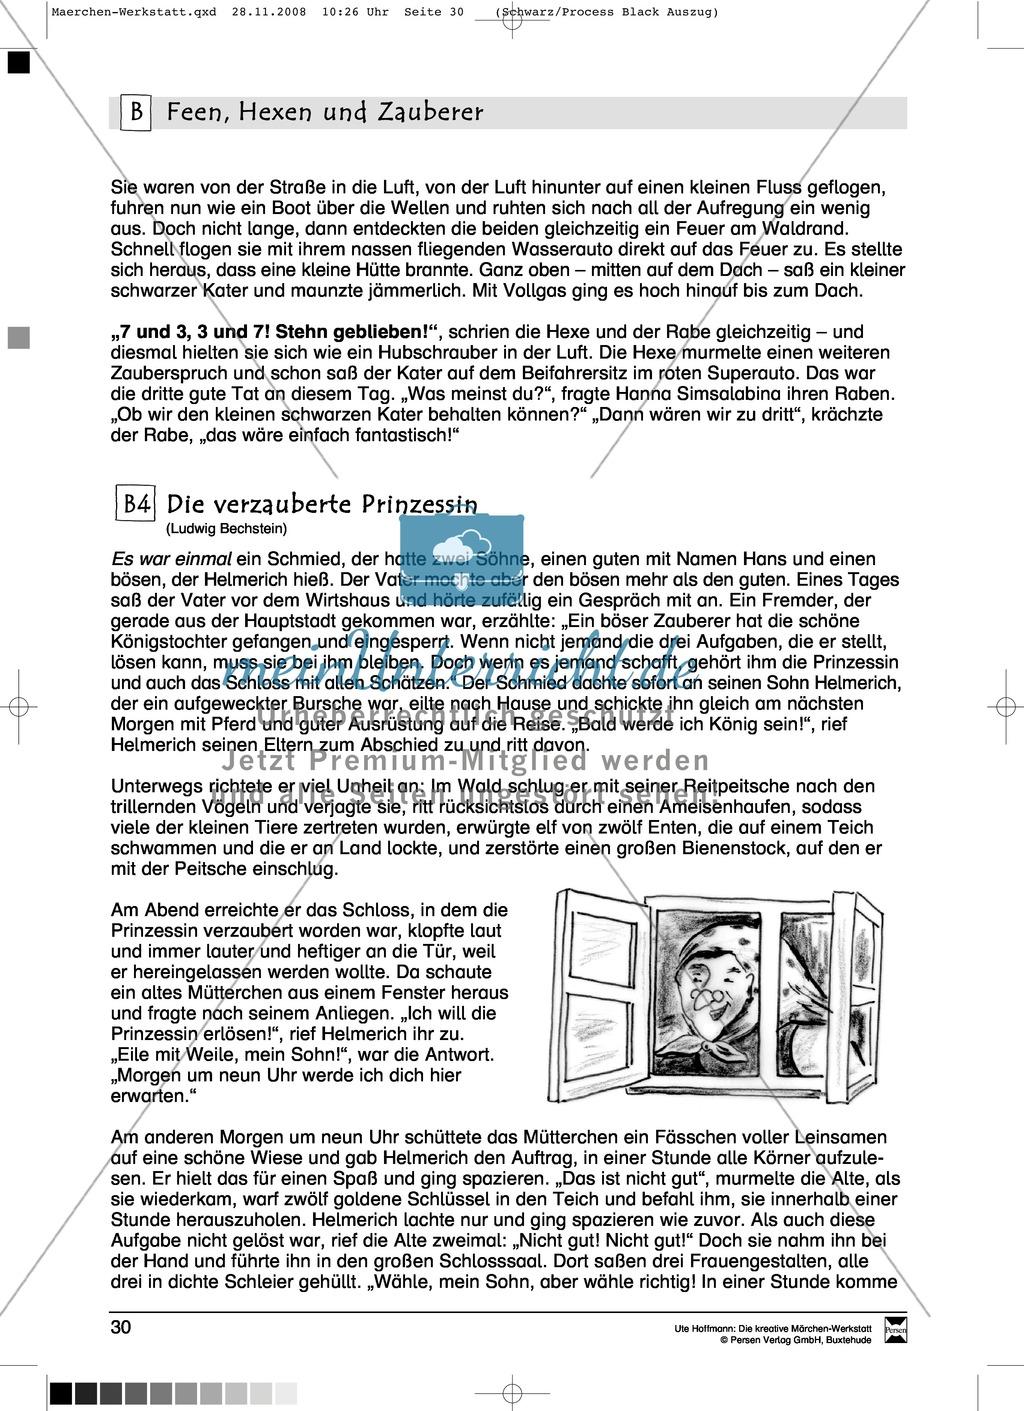 Feen, Hexen und Zauberer: Ziele und Anregungen, Lesetexte Preview 7